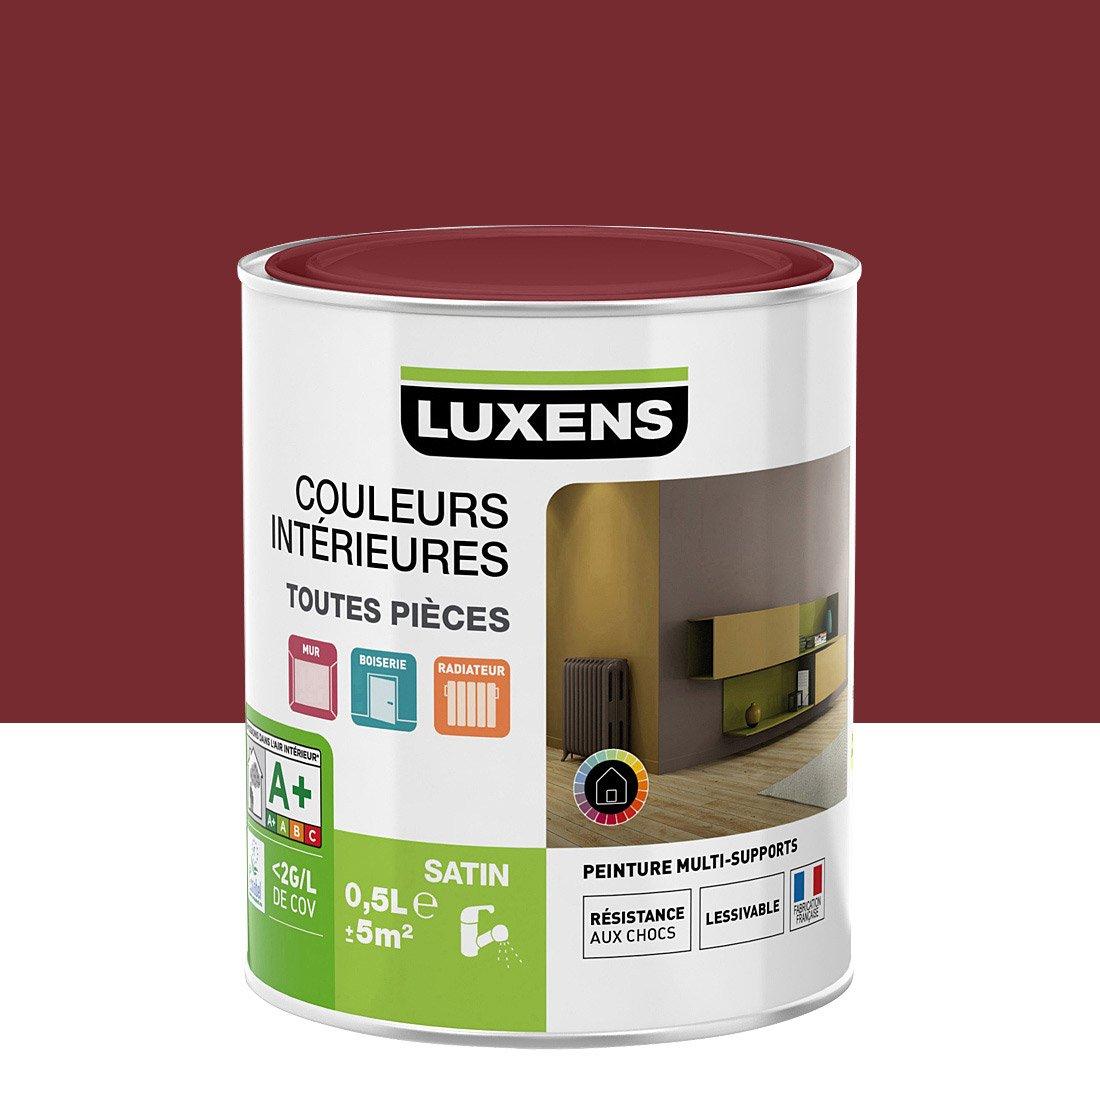 peinture rouge velours 2 satin luxens couleurs int rieures. Black Bedroom Furniture Sets. Home Design Ideas